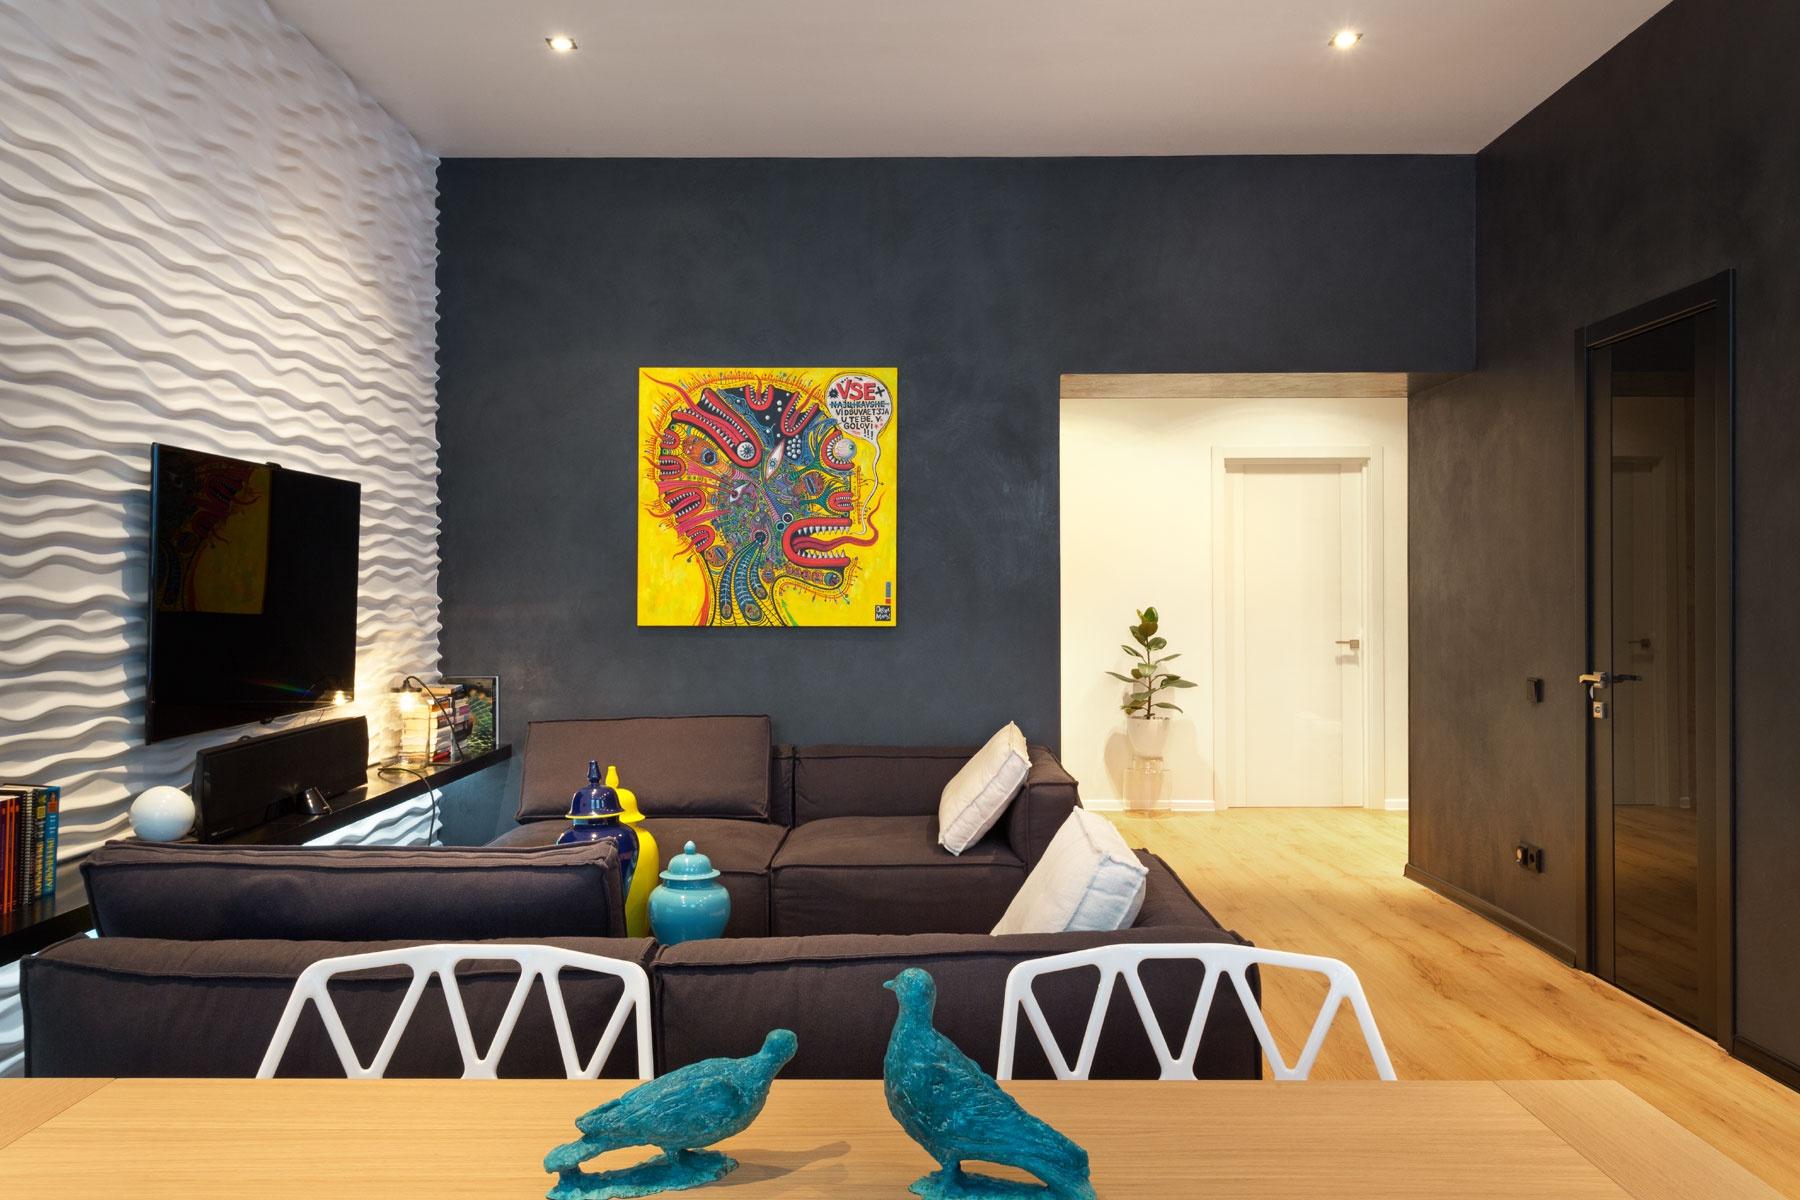 Черный способен внести свежие ноты в интерьер - сочетание отделки стен 3D-панелями и декоративной штукатурки